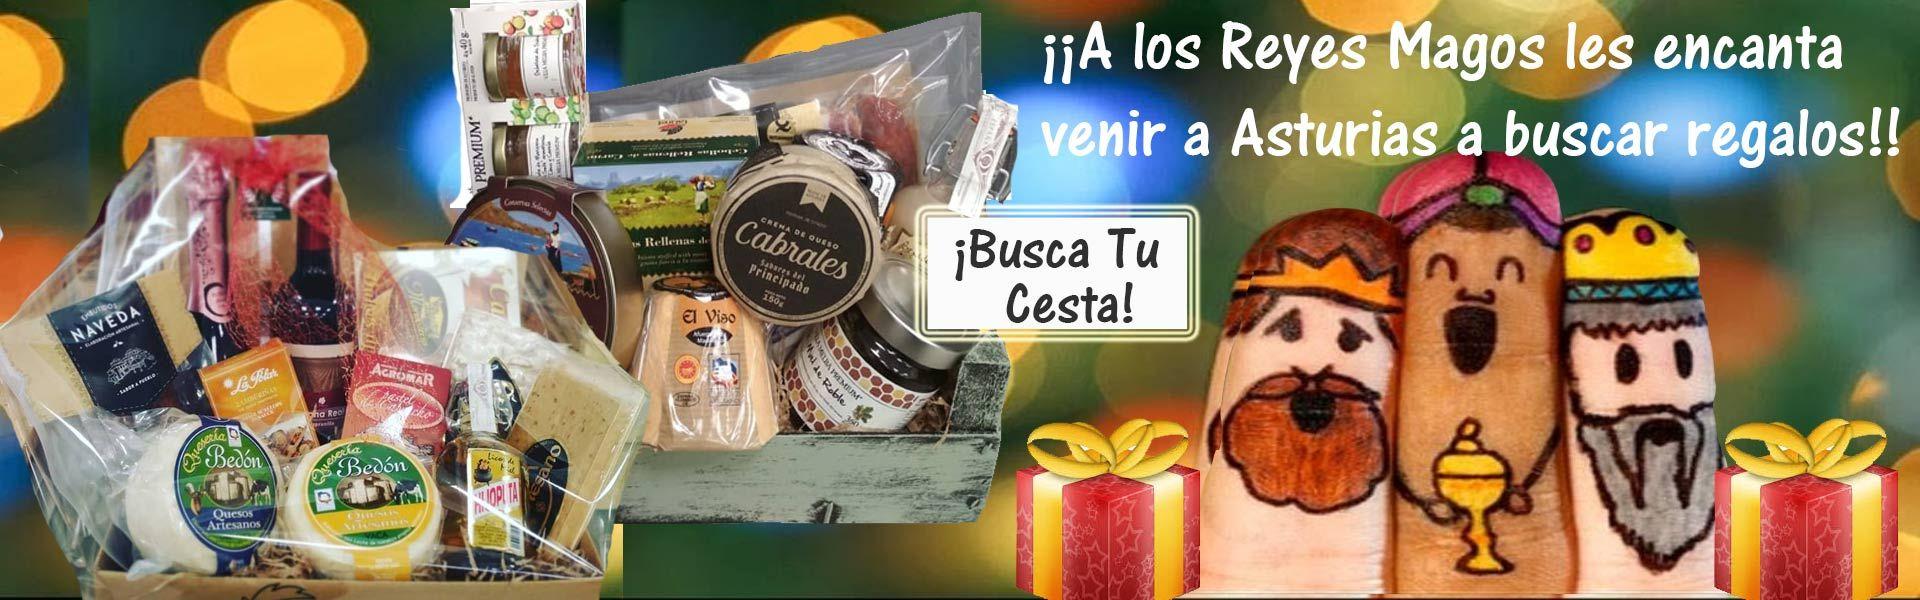 Cestas Navidad - Productos Asturianos para Regalos de Reyes